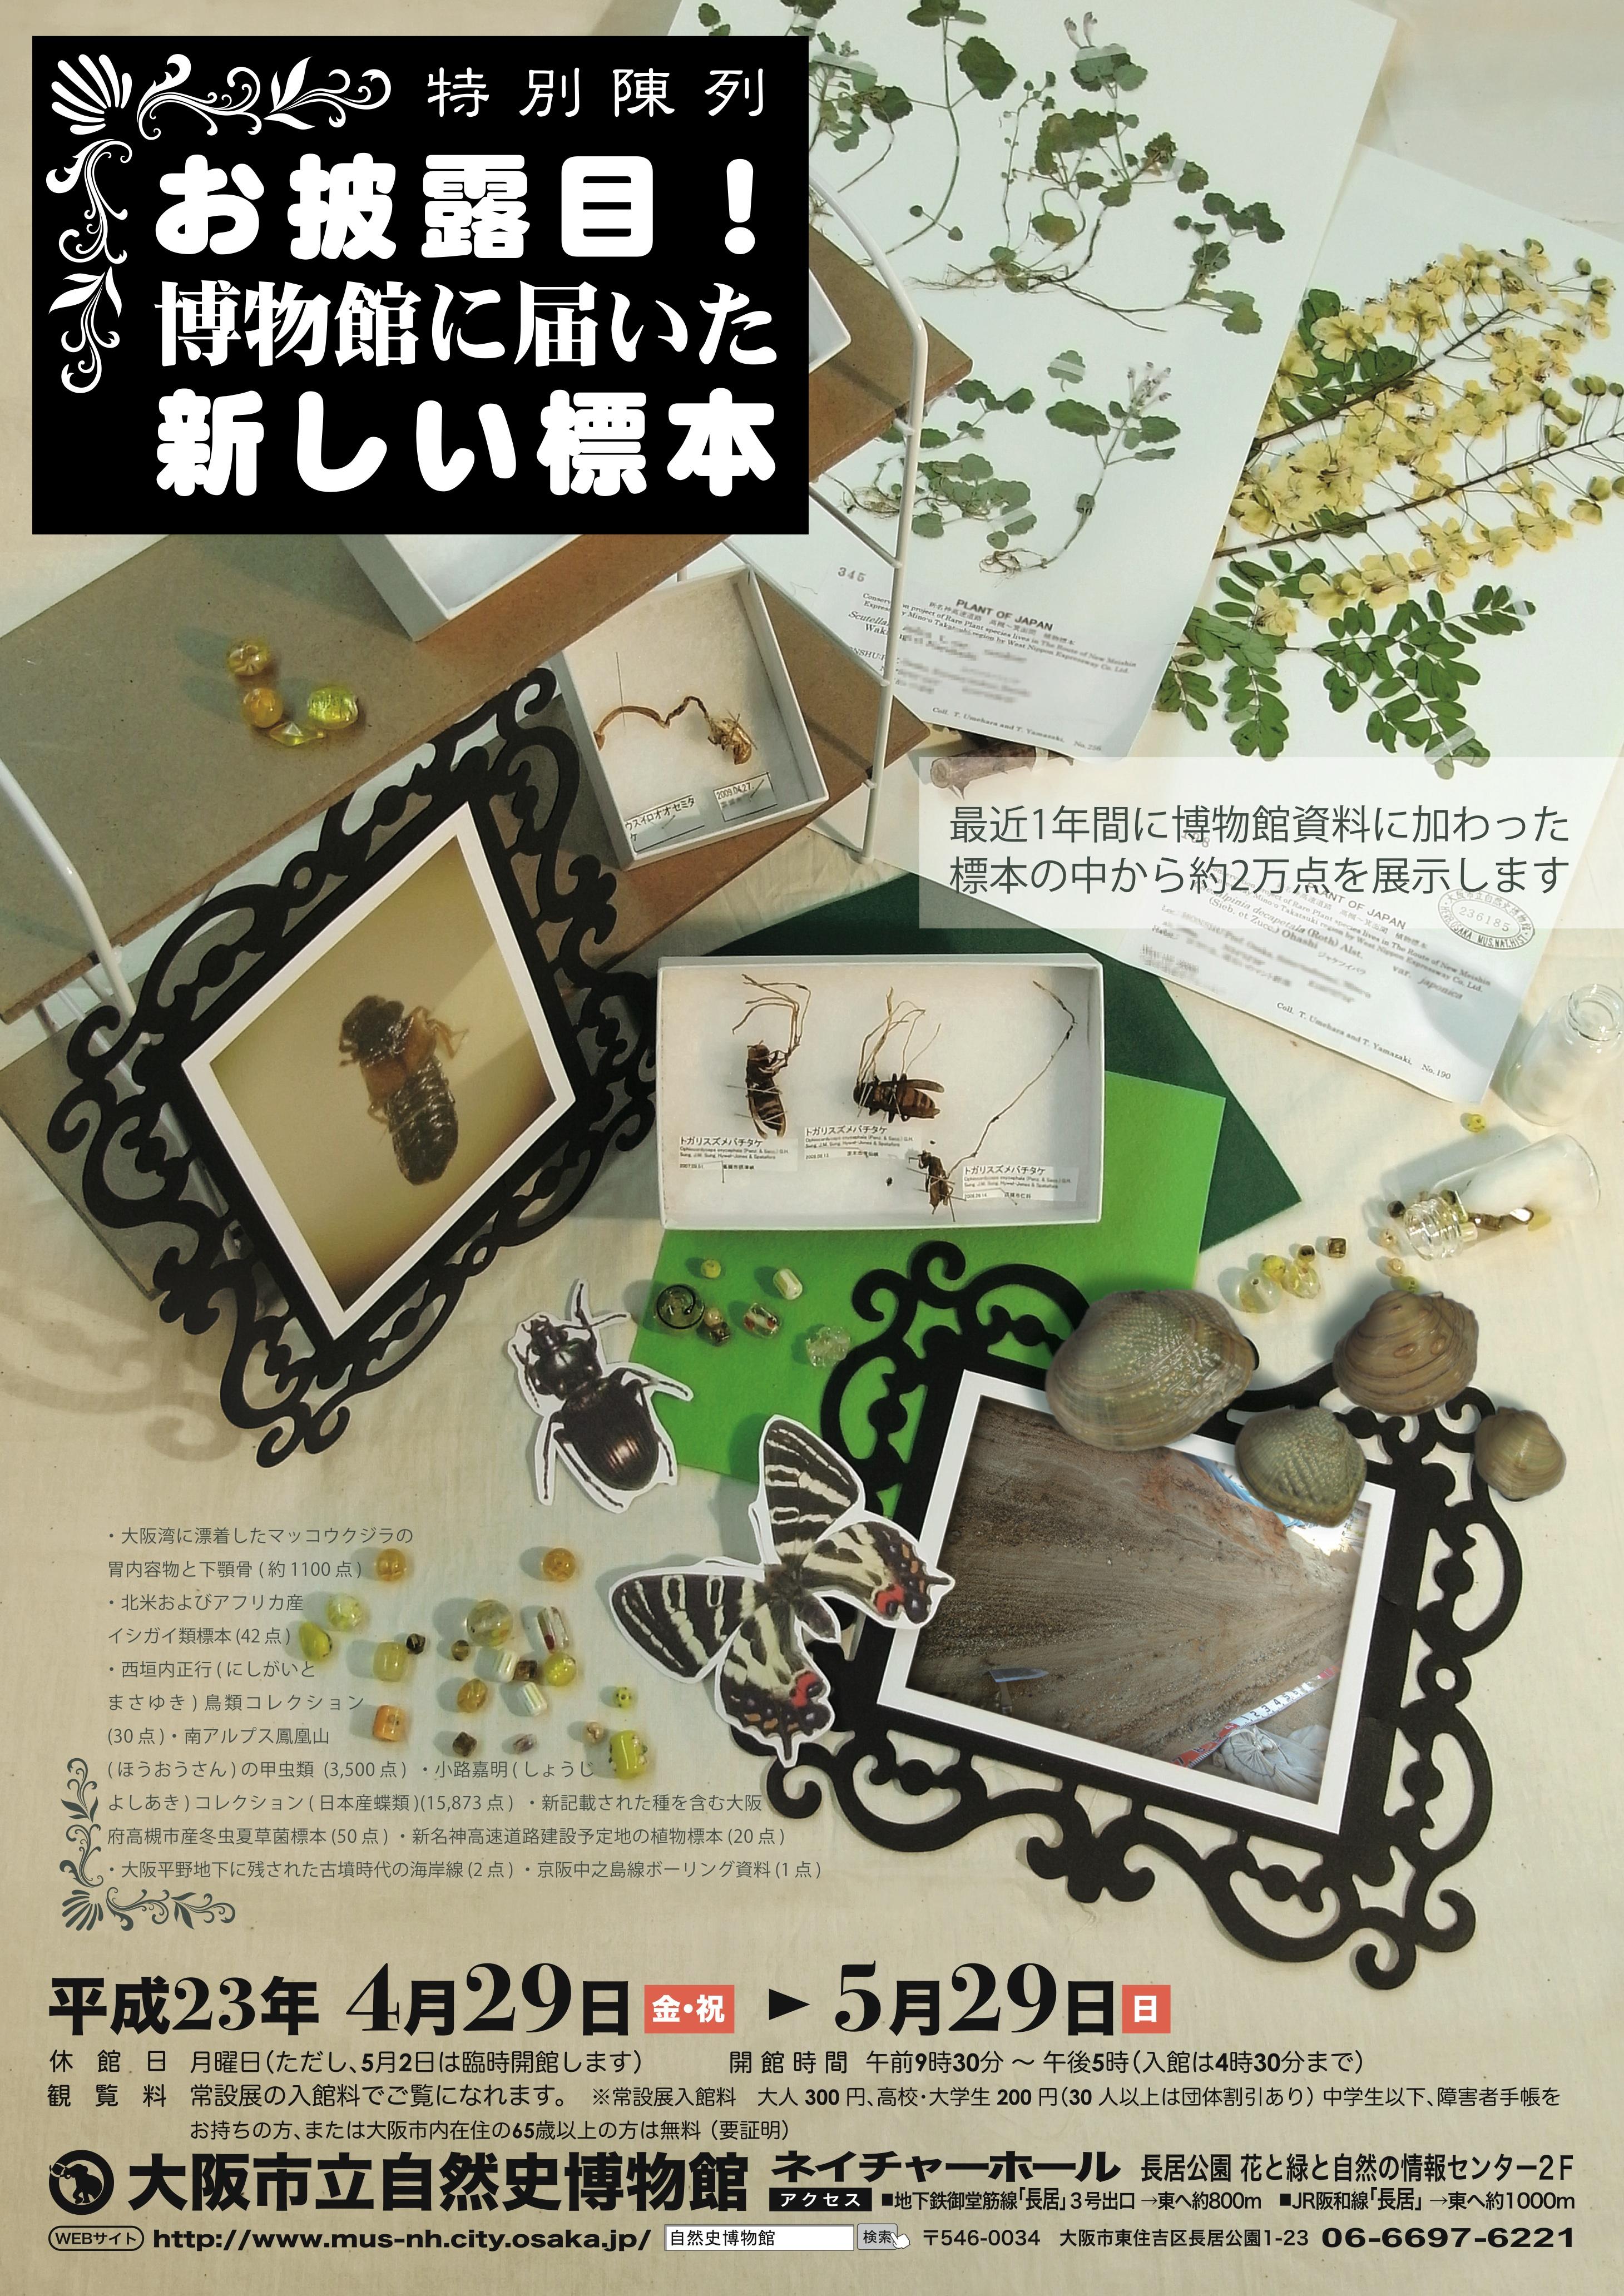 shinsyu2011.jpg